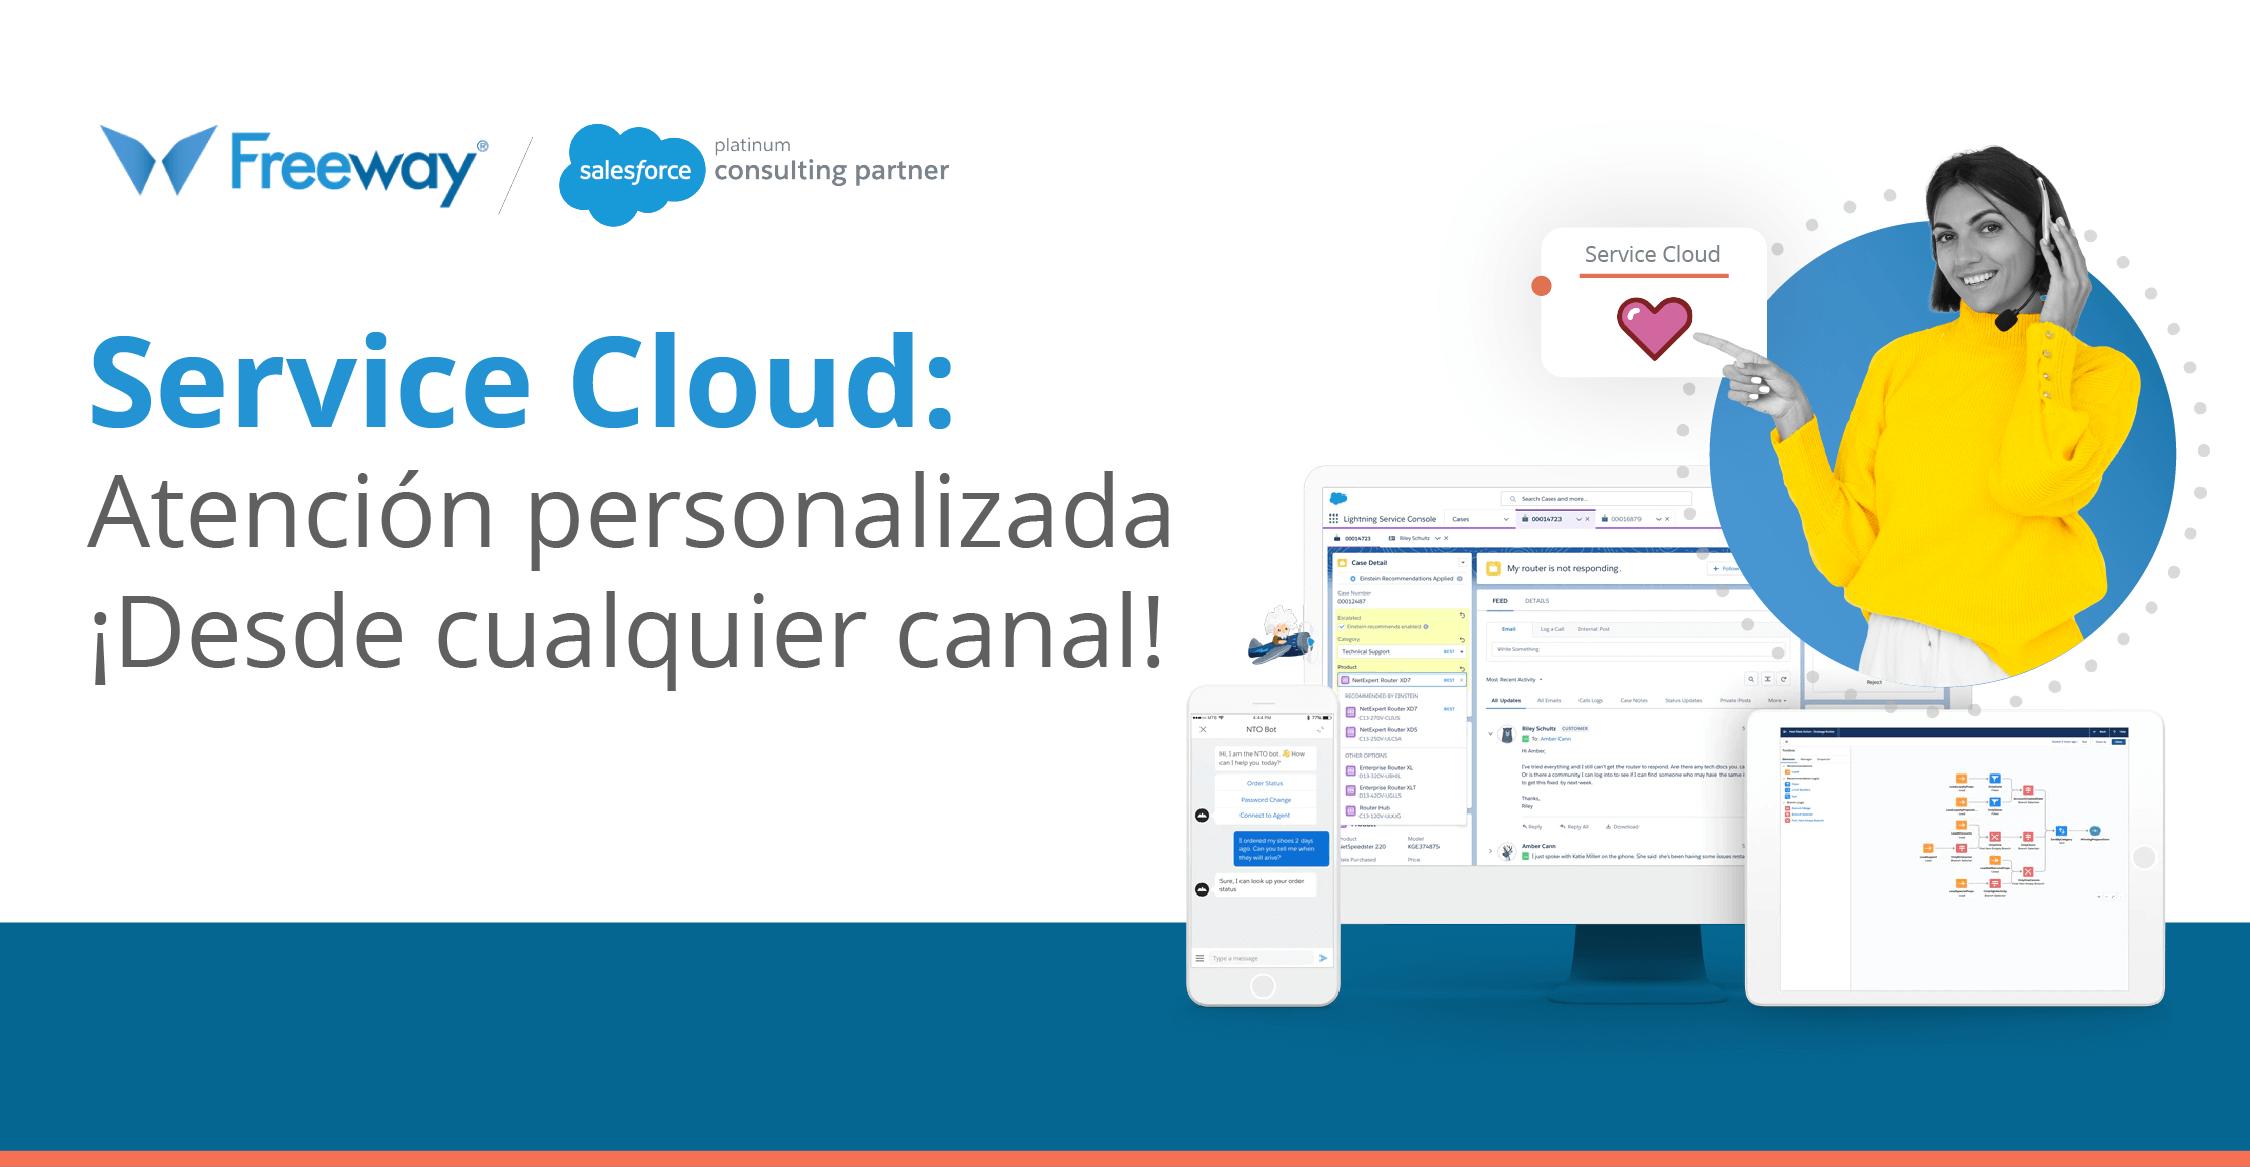 Service Cloud, atención personalizada desde cualquier canal